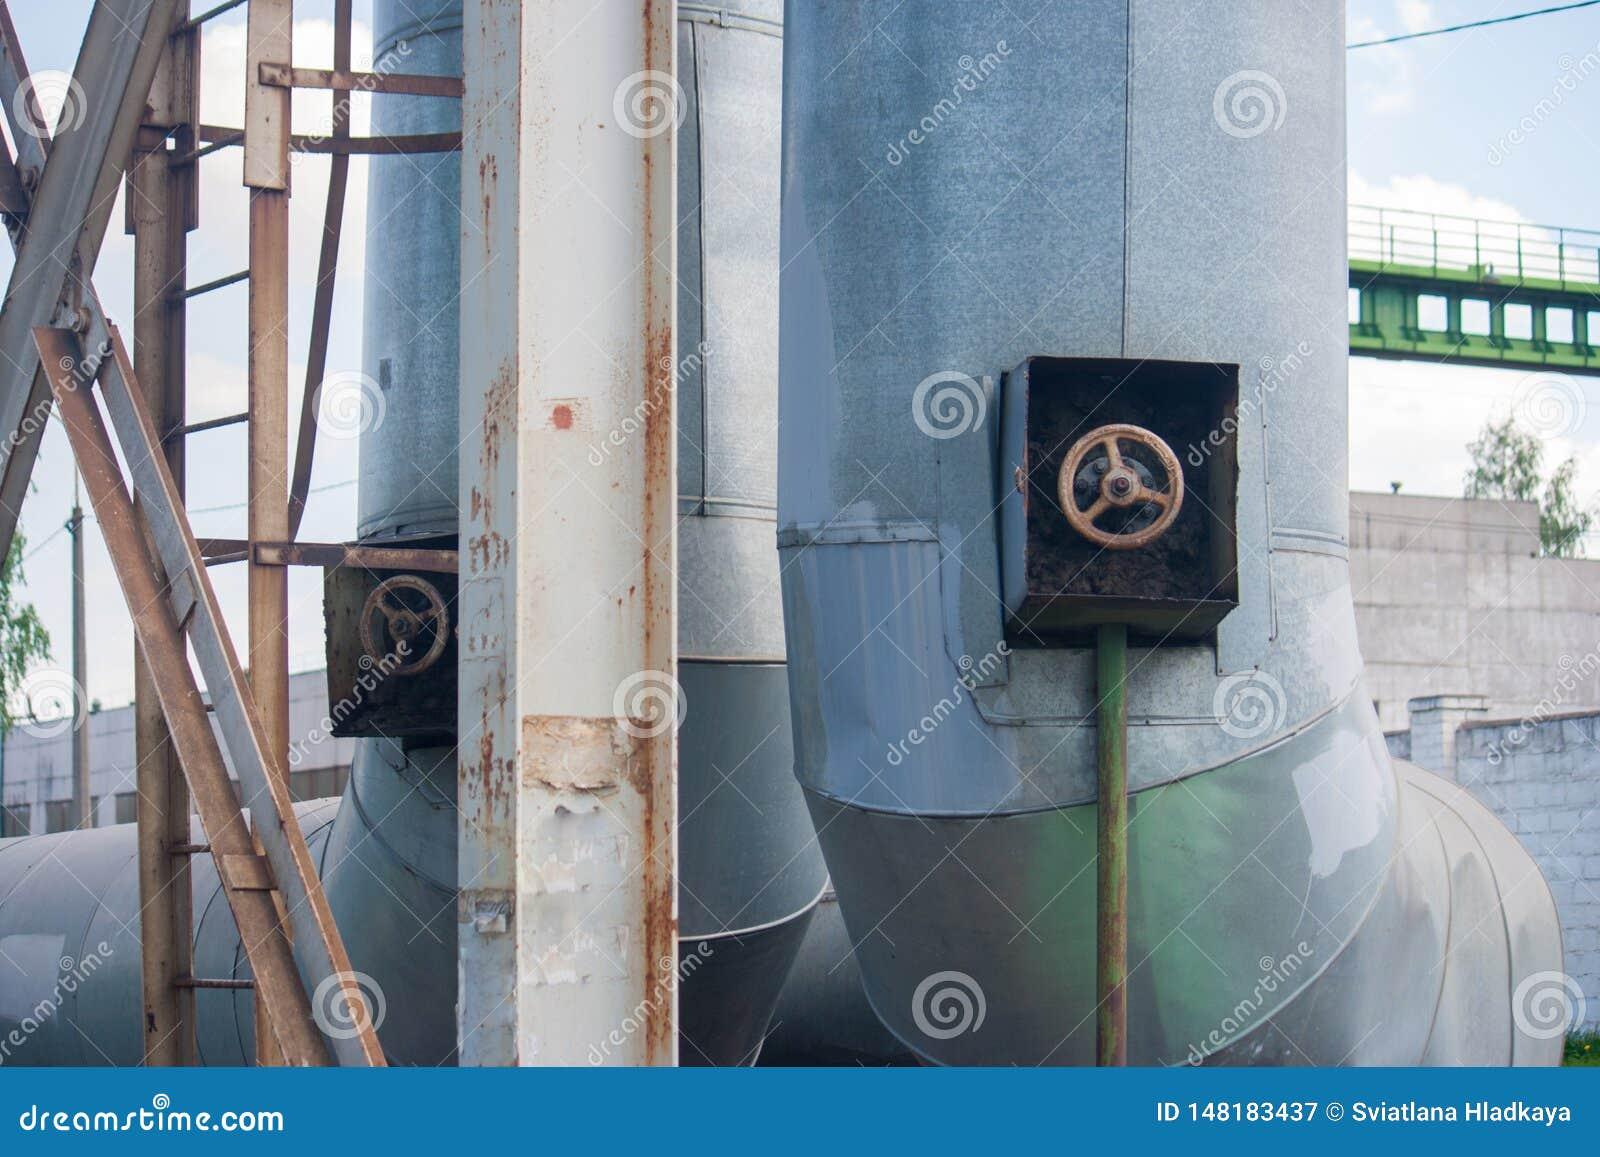 Tubos industriales del metal grueso con las válvulas y el primer de las escaleras